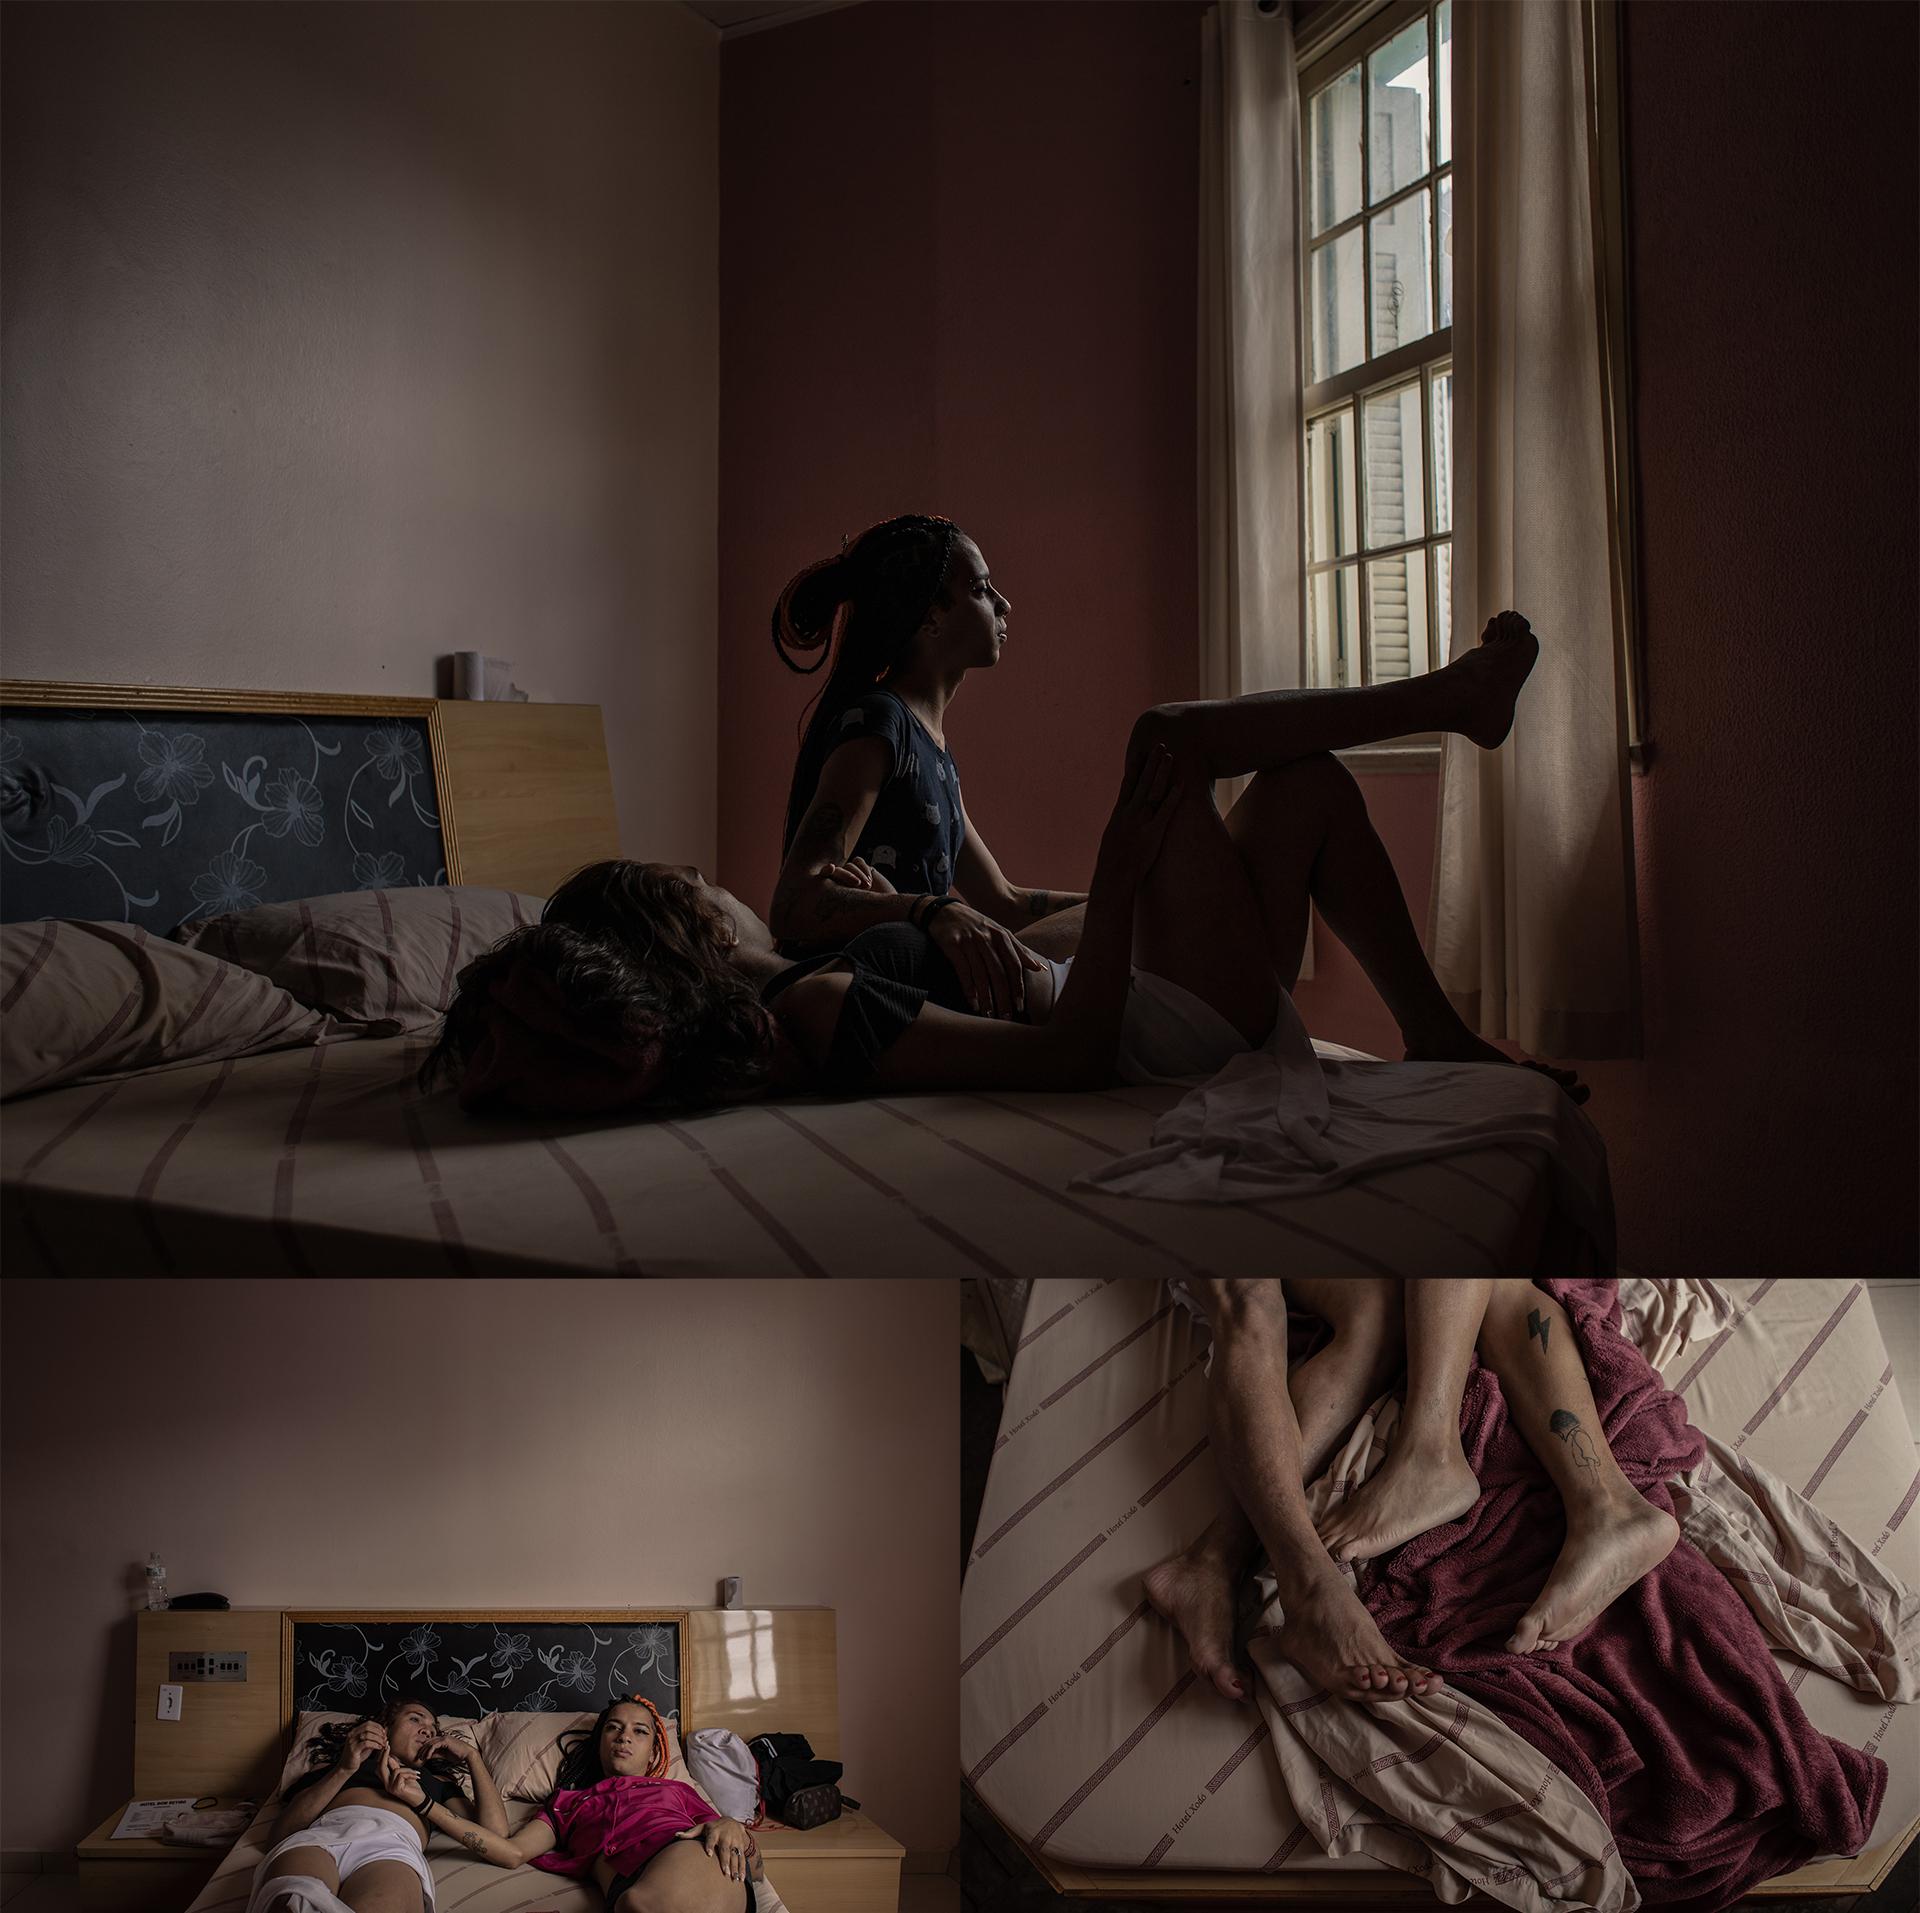 Bárbara (22) e Mirella Santos (22) em um quarto de hotel no Bairro Bom Retiro, no centro de São Paulo. Bárbara foi desligada da Casa Florescer I no final do mês de abril de 2021 devido uma crise de ansiedade que acarretou à danificação de uma das portas do local.